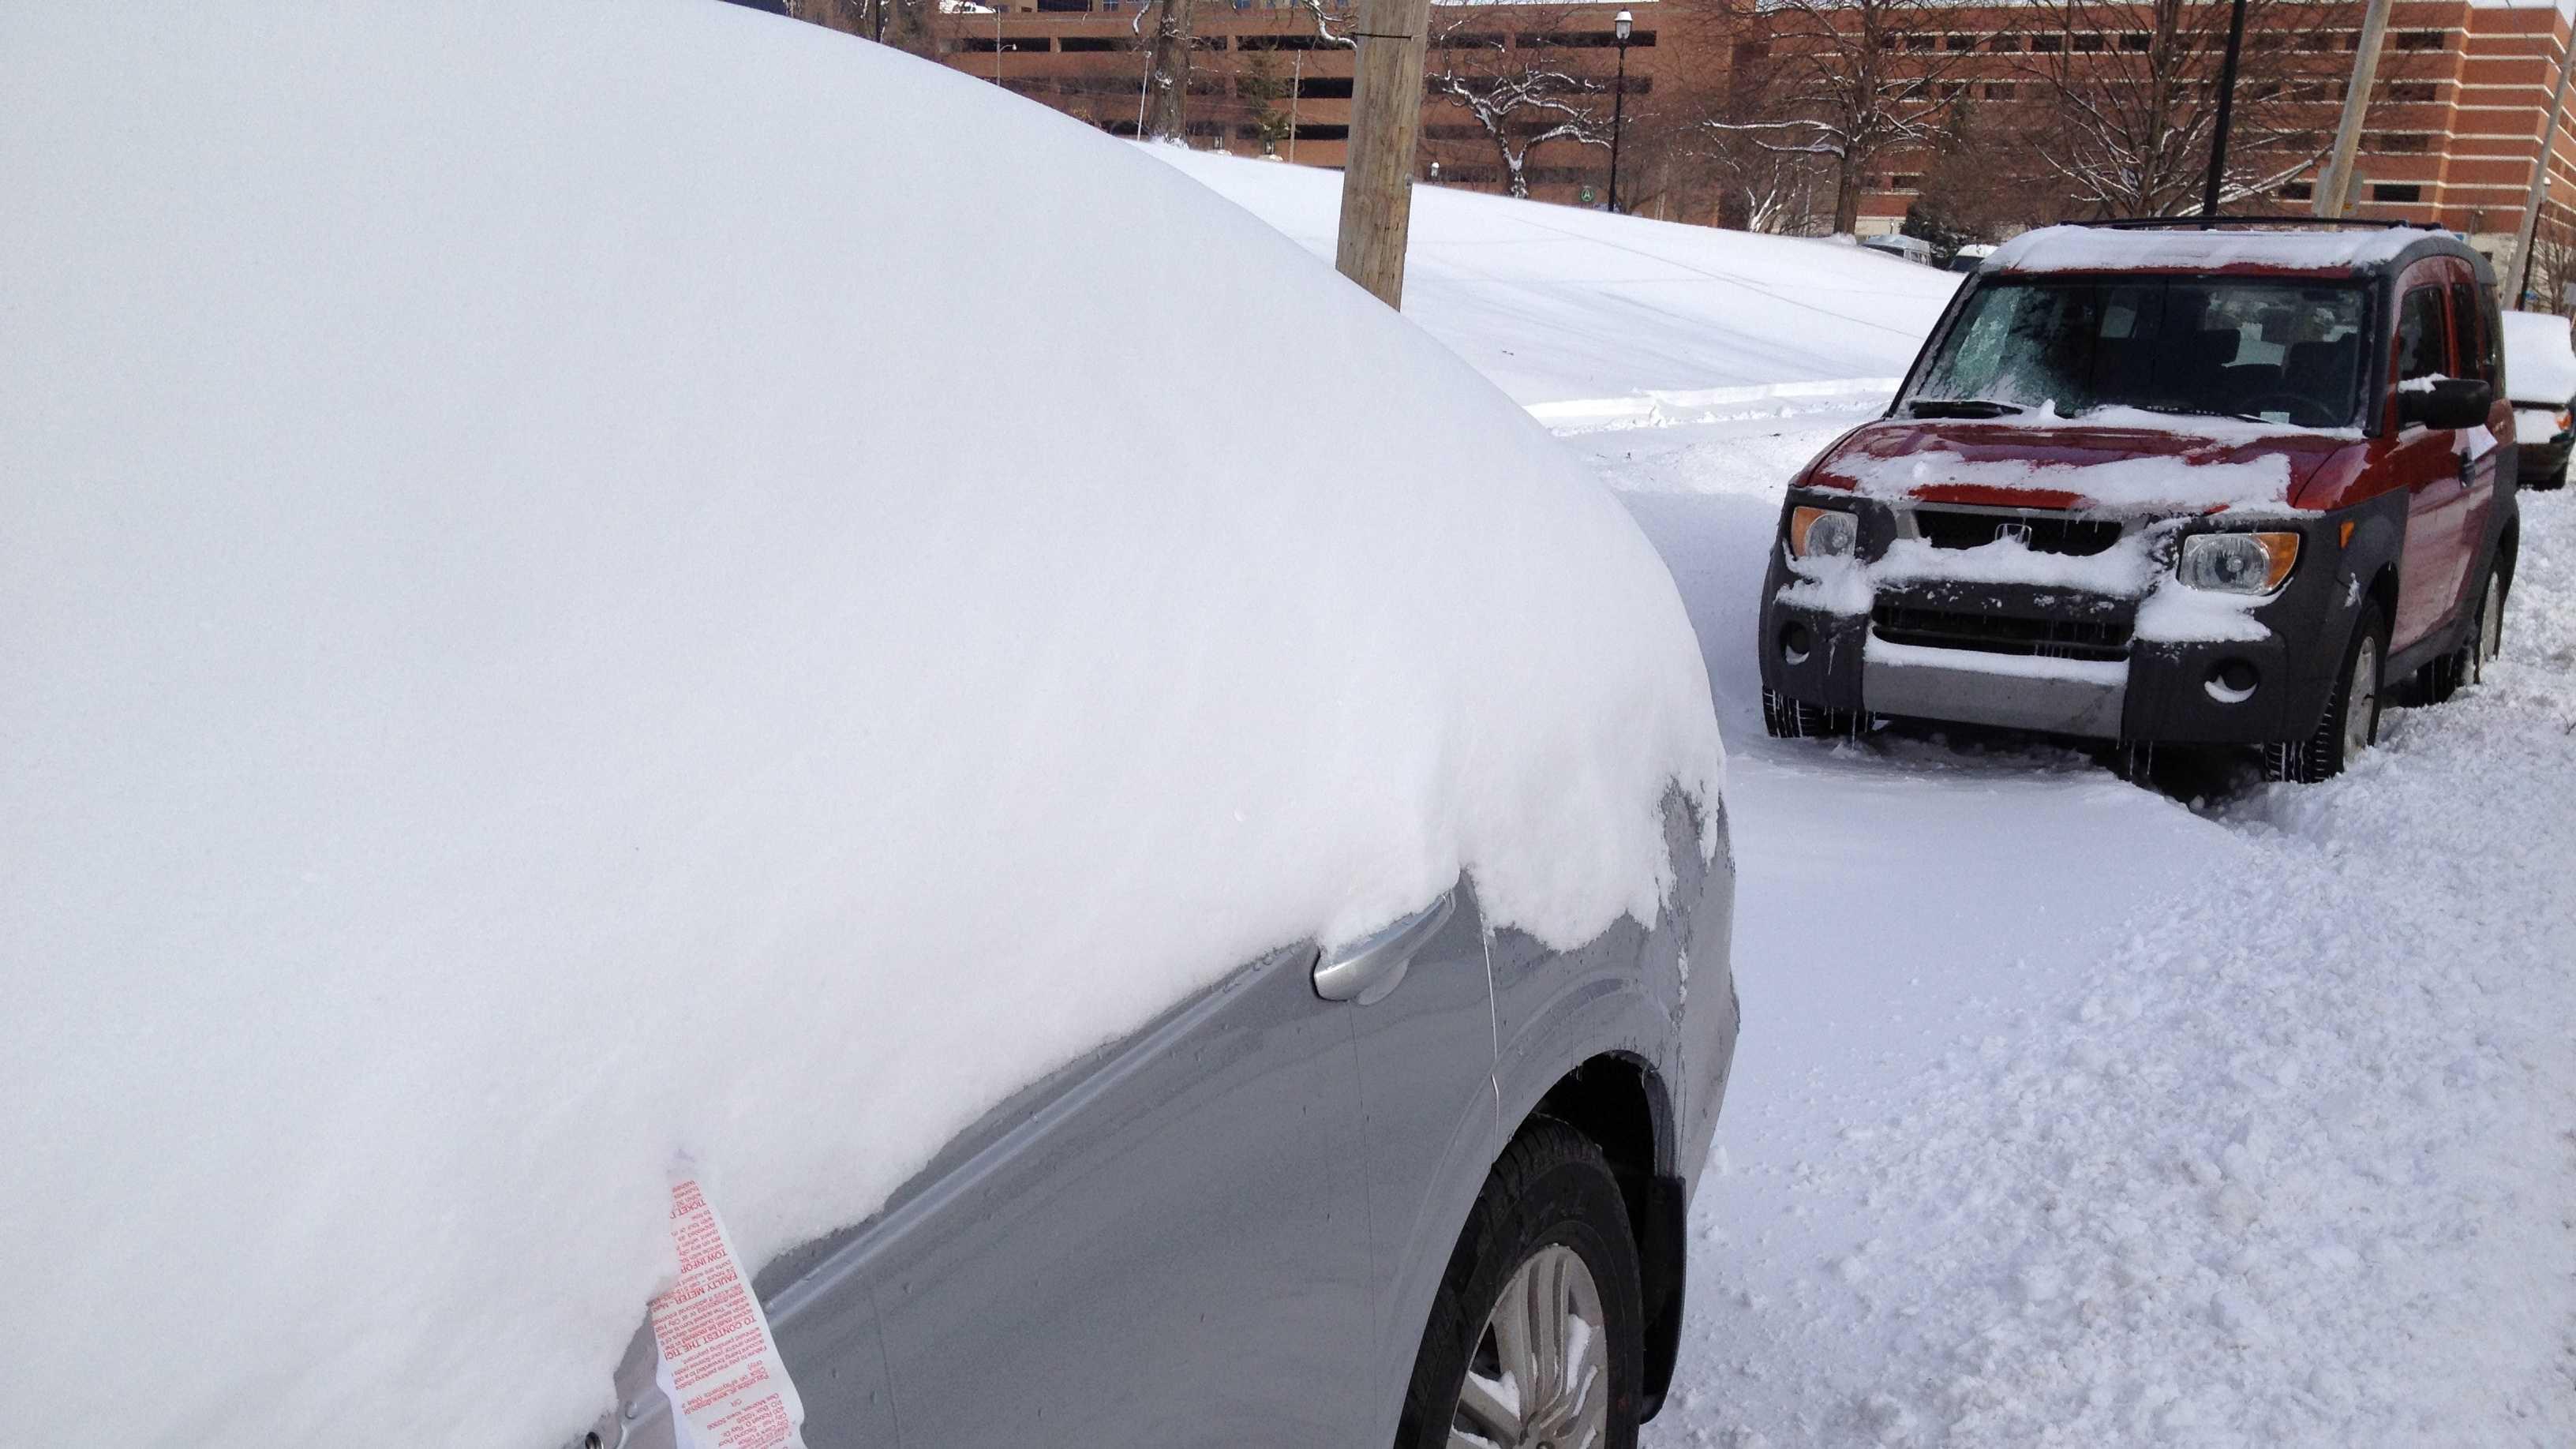 Snow parking ticket